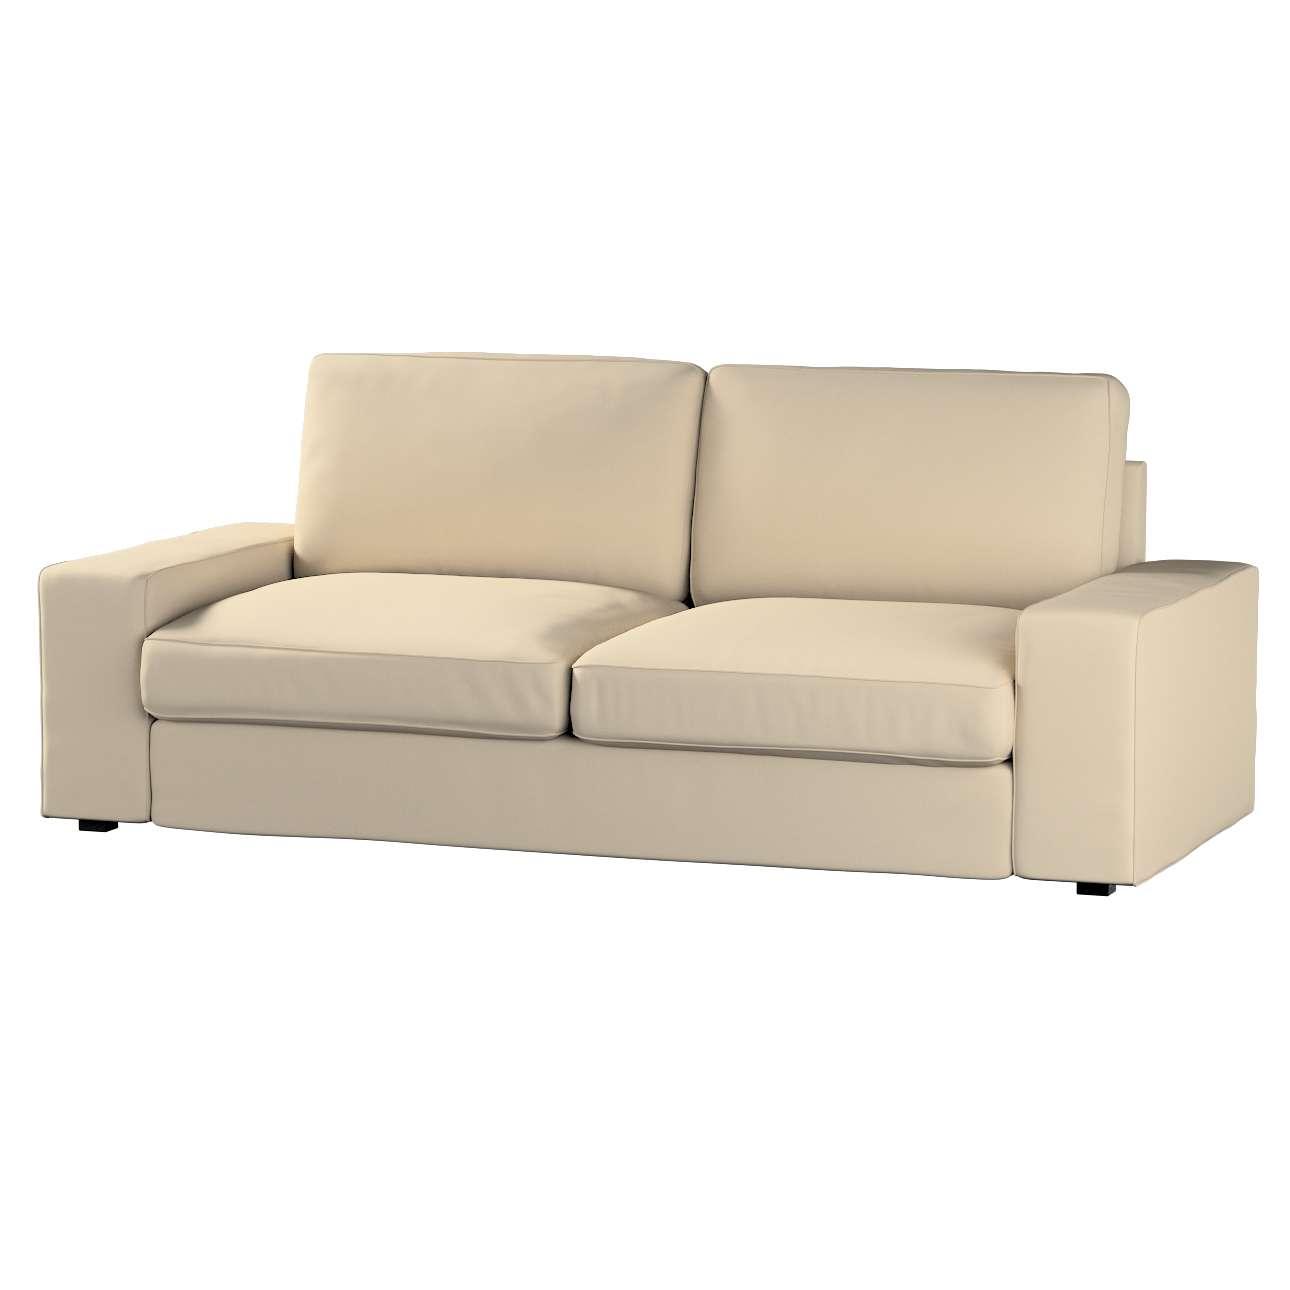 KIVIK trivietės sofos užvalkalas Kivik 3-seat sofa kolekcijoje Cotton Panama, audinys: 702-01